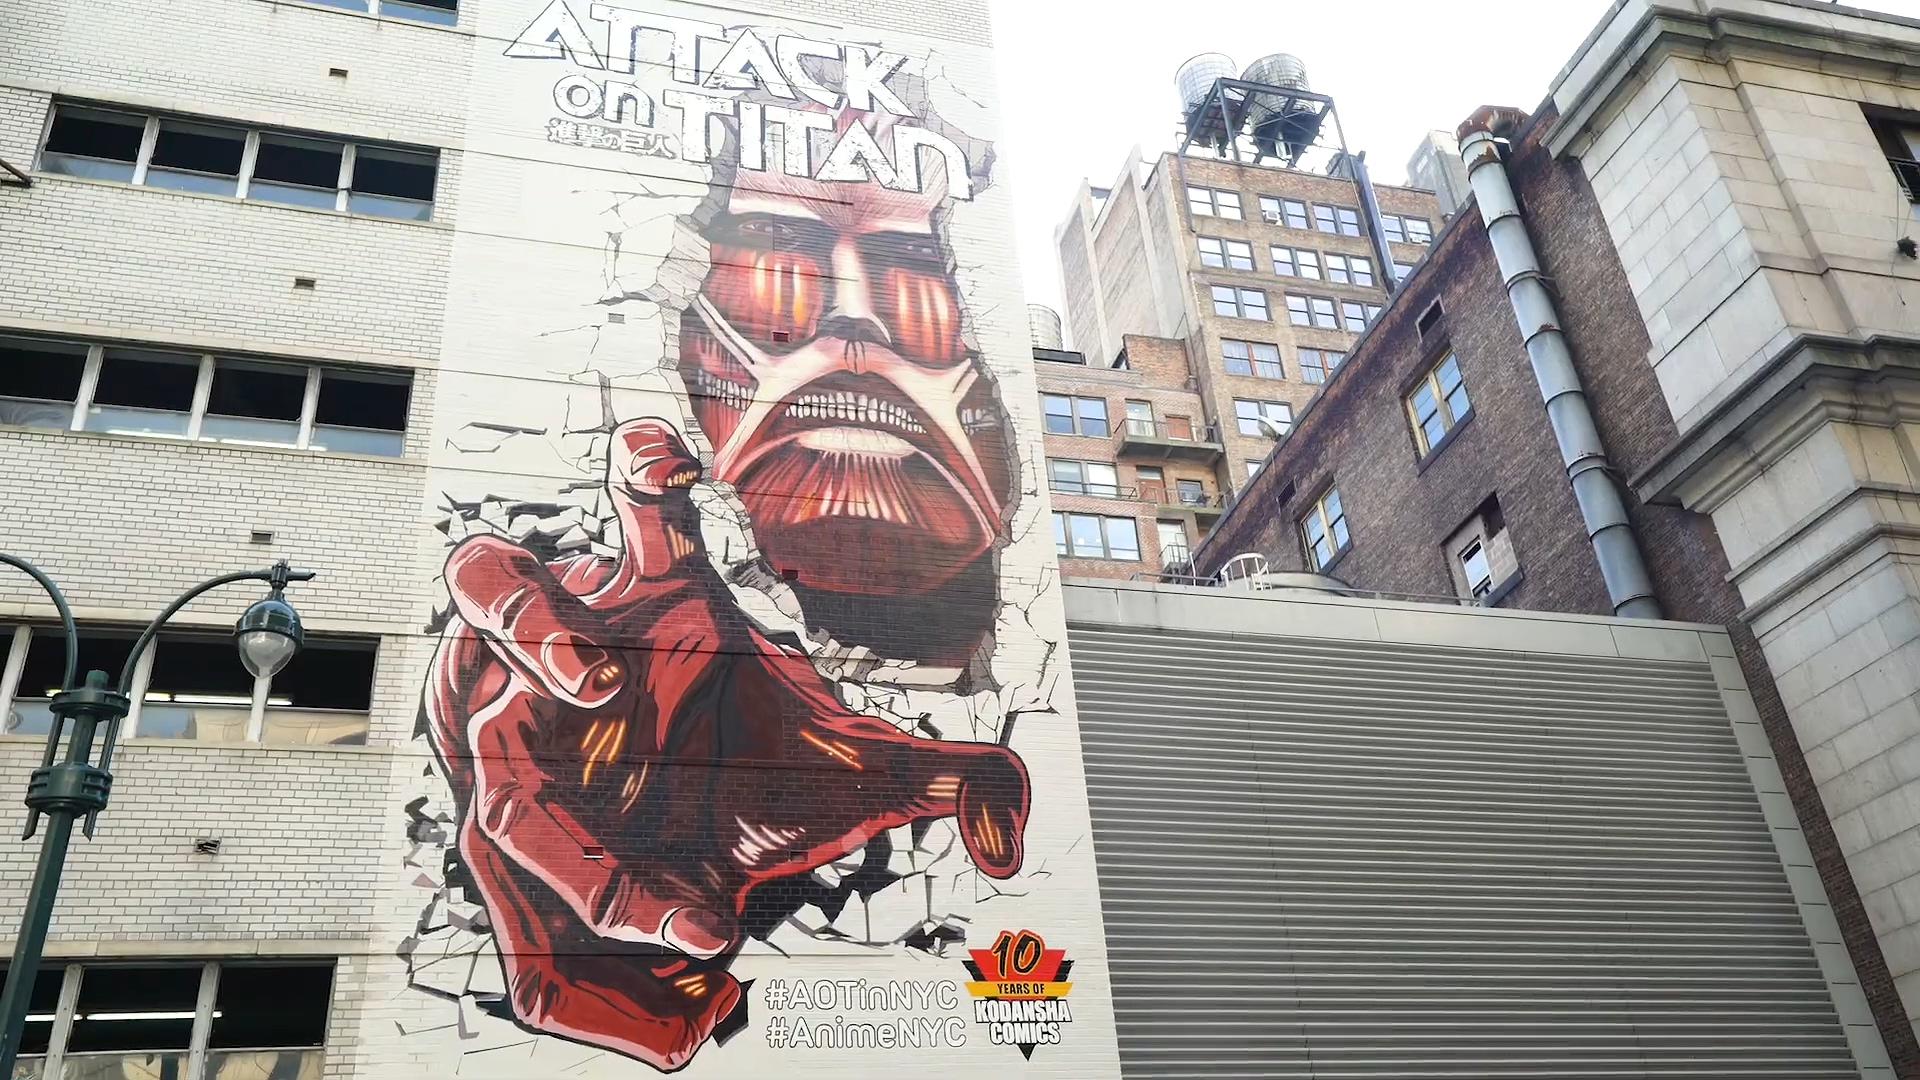 进击的巨人 纽约 麦迪逊花园广场 壁画ニューヨークの壁に「進撃の巨人」を描いてみた!メイキング2/We drew 'Attack on Titan' on the wall in New York [making2].mp4_000047.444